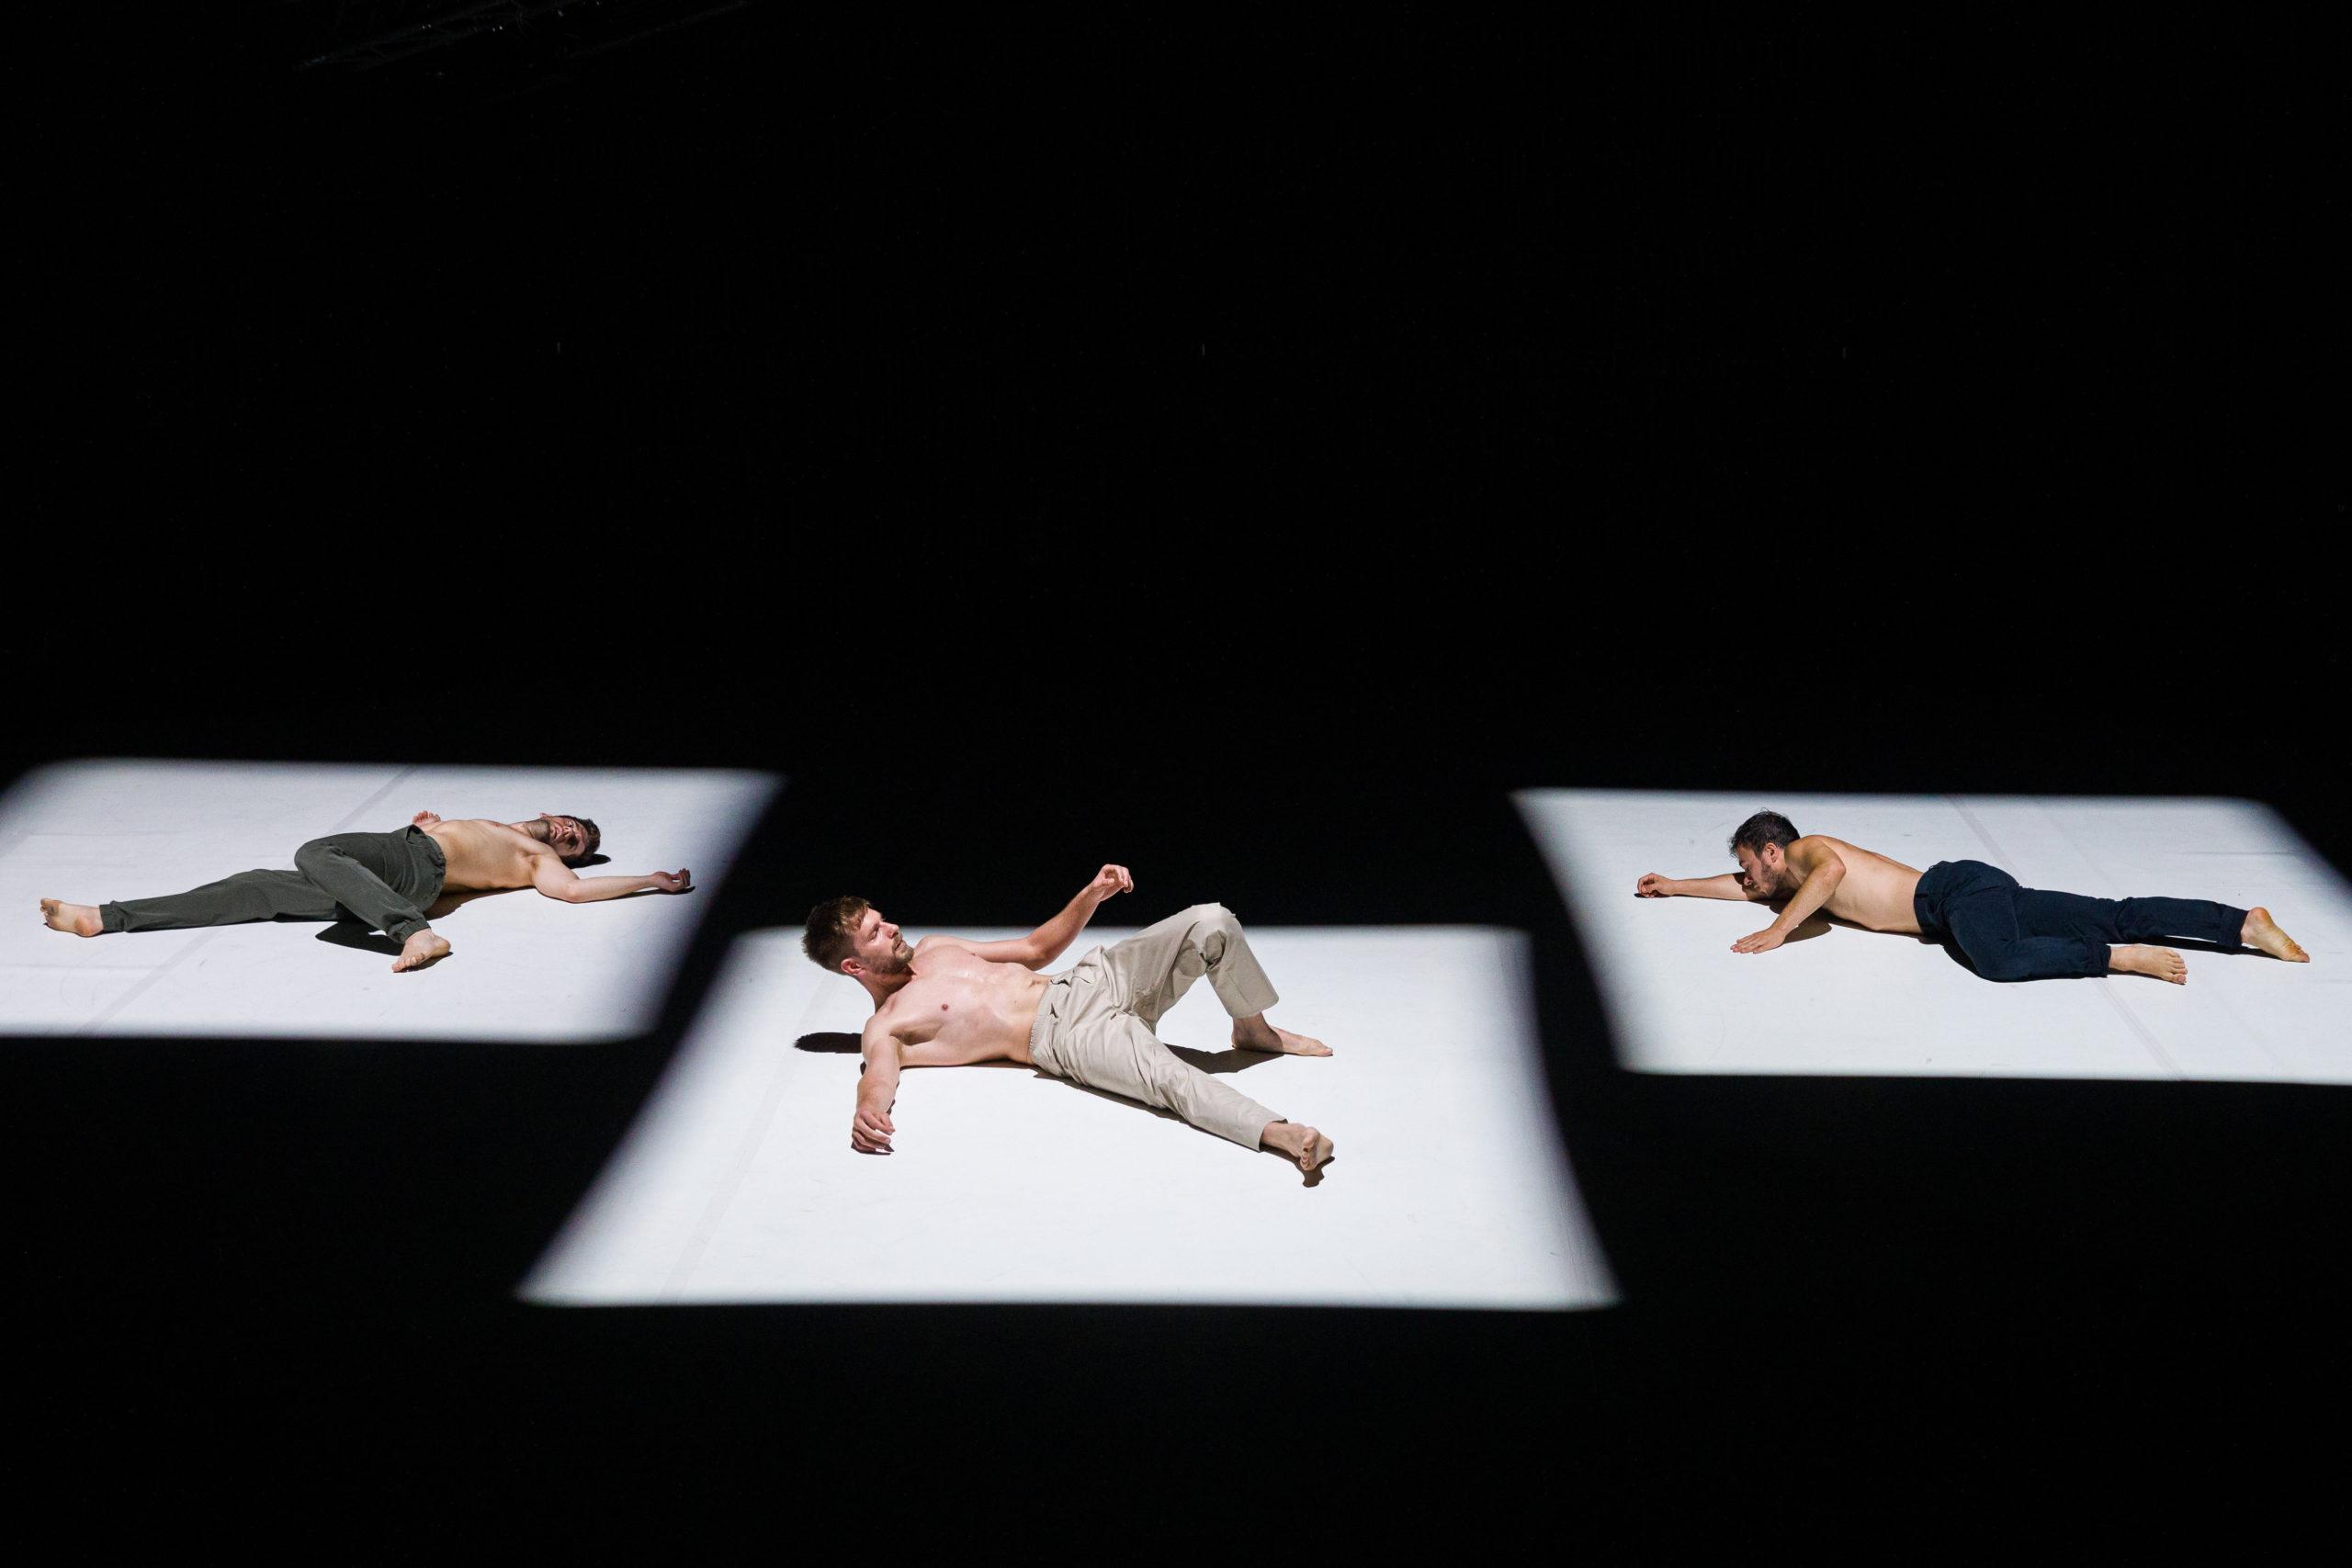 Női szívek megdobbantása a Nemzeti Táncszínházban 2021. szeptember 27-én. Szereplők: Takács László (k), Csuzi Márton (lent) és Keresztes Patrik a Don Quijote címû táncelőadás fotóspróbáján 2021. szeptember 26-án. Feledi János koreográfiája